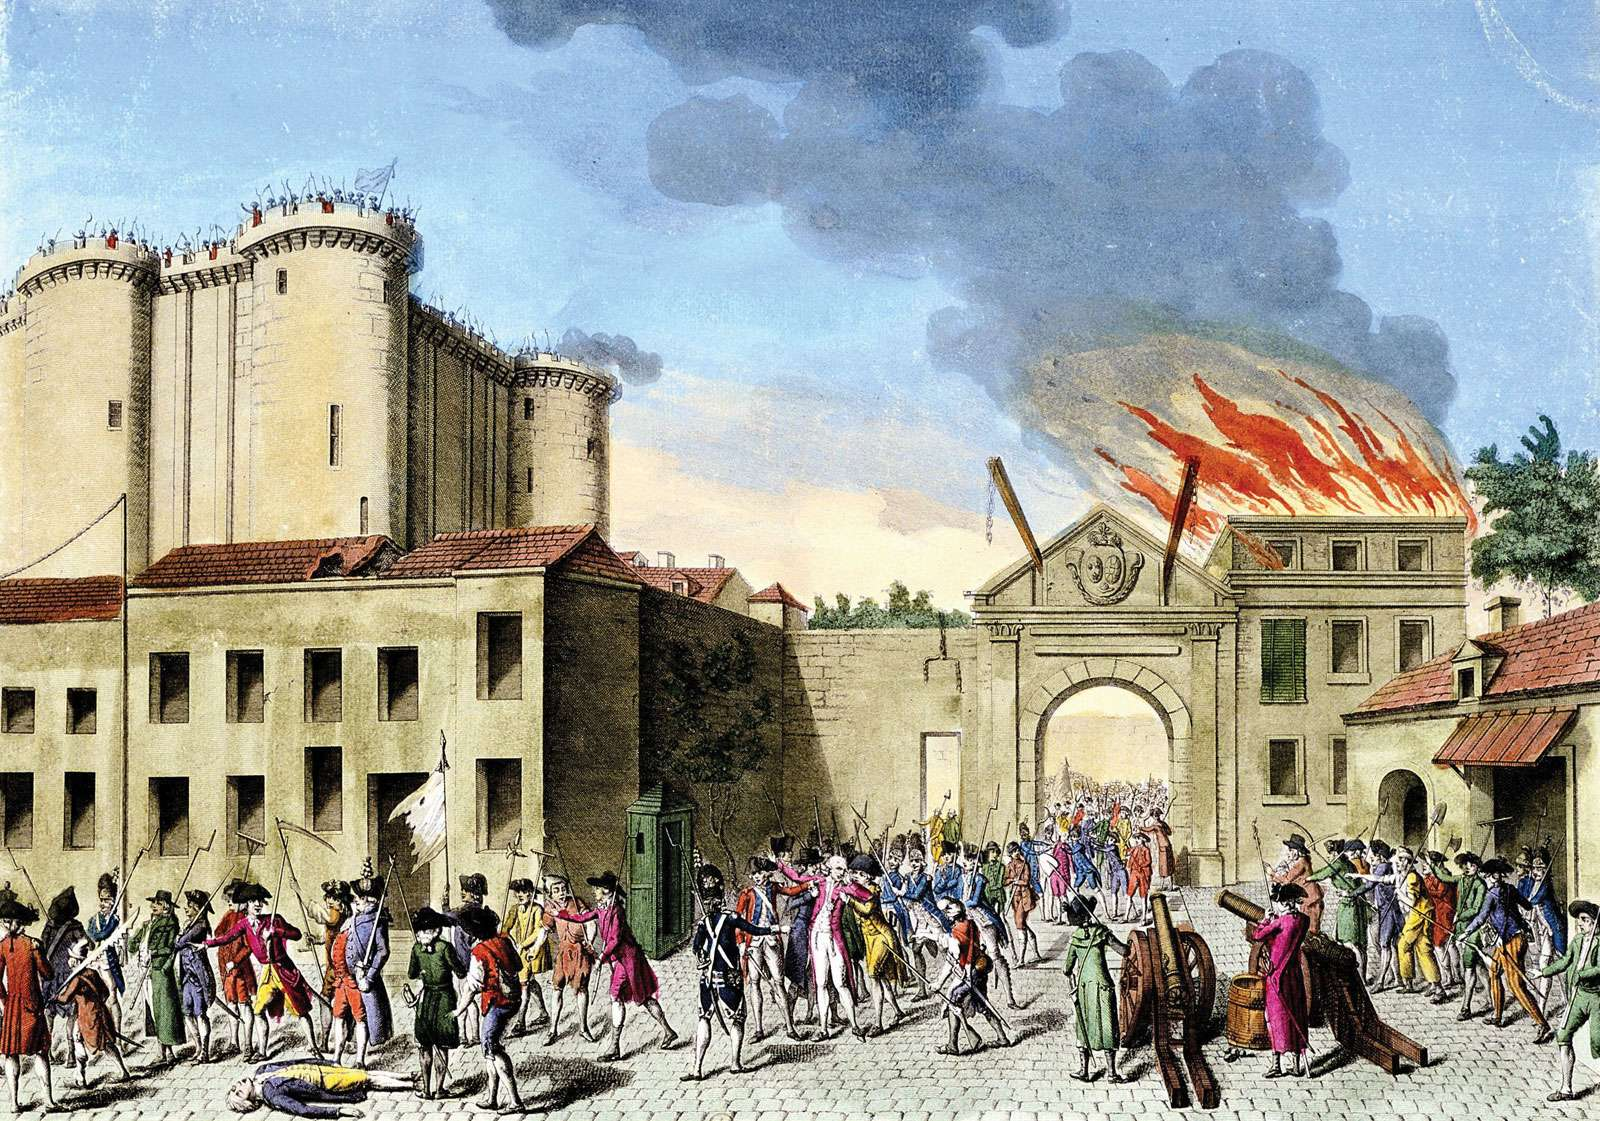 Άλωση της Βαστίλης, 14 Ιουλίου 1789